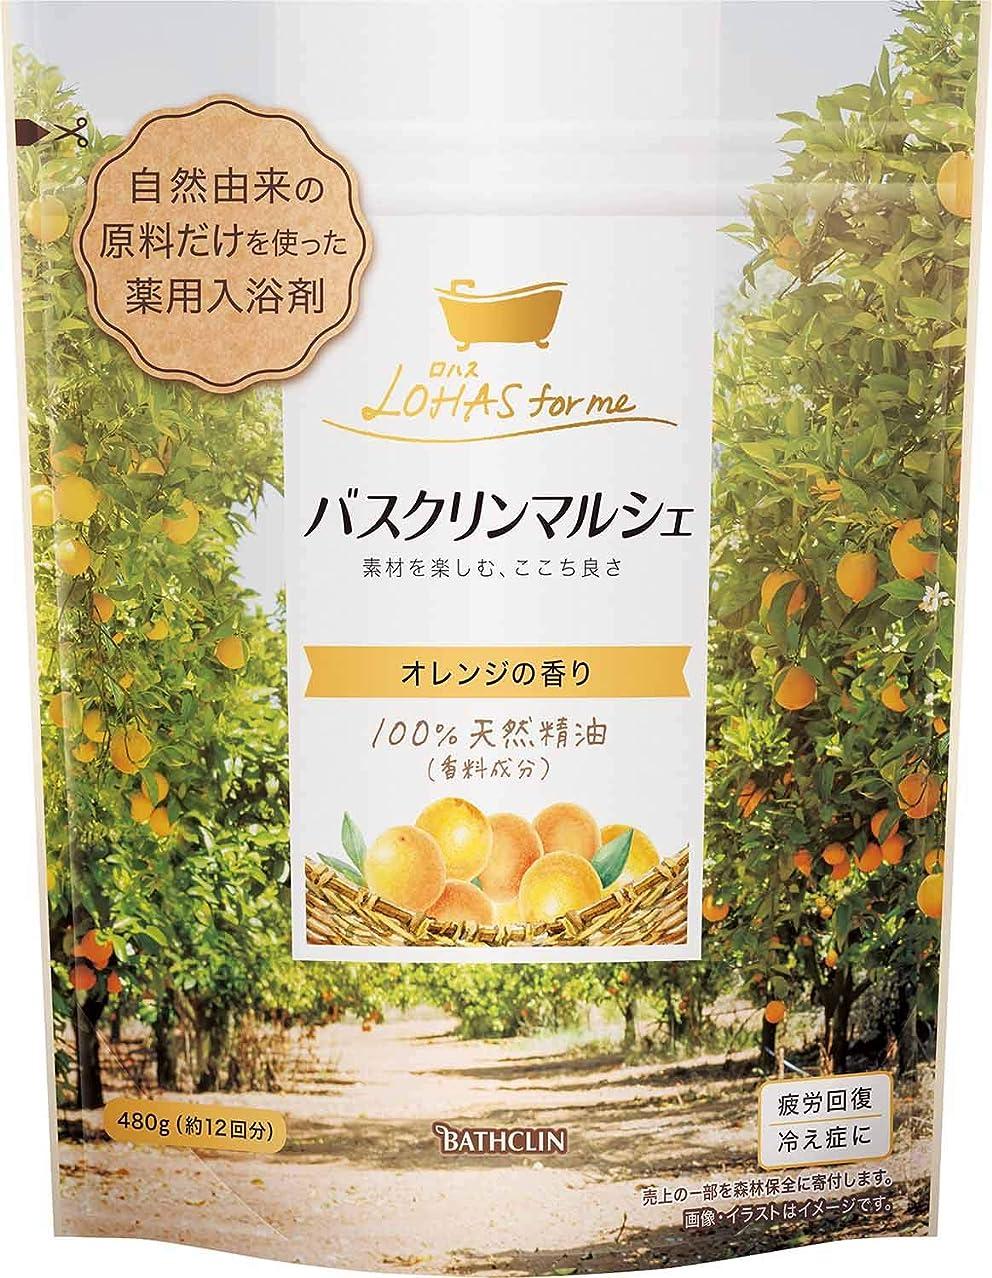 影響する引き受ける収入【医薬部外品/合成香料無添加】バスクリンマルシェ入浴剤 オレンジの香り480g 自然派ほのかなやさしい香り